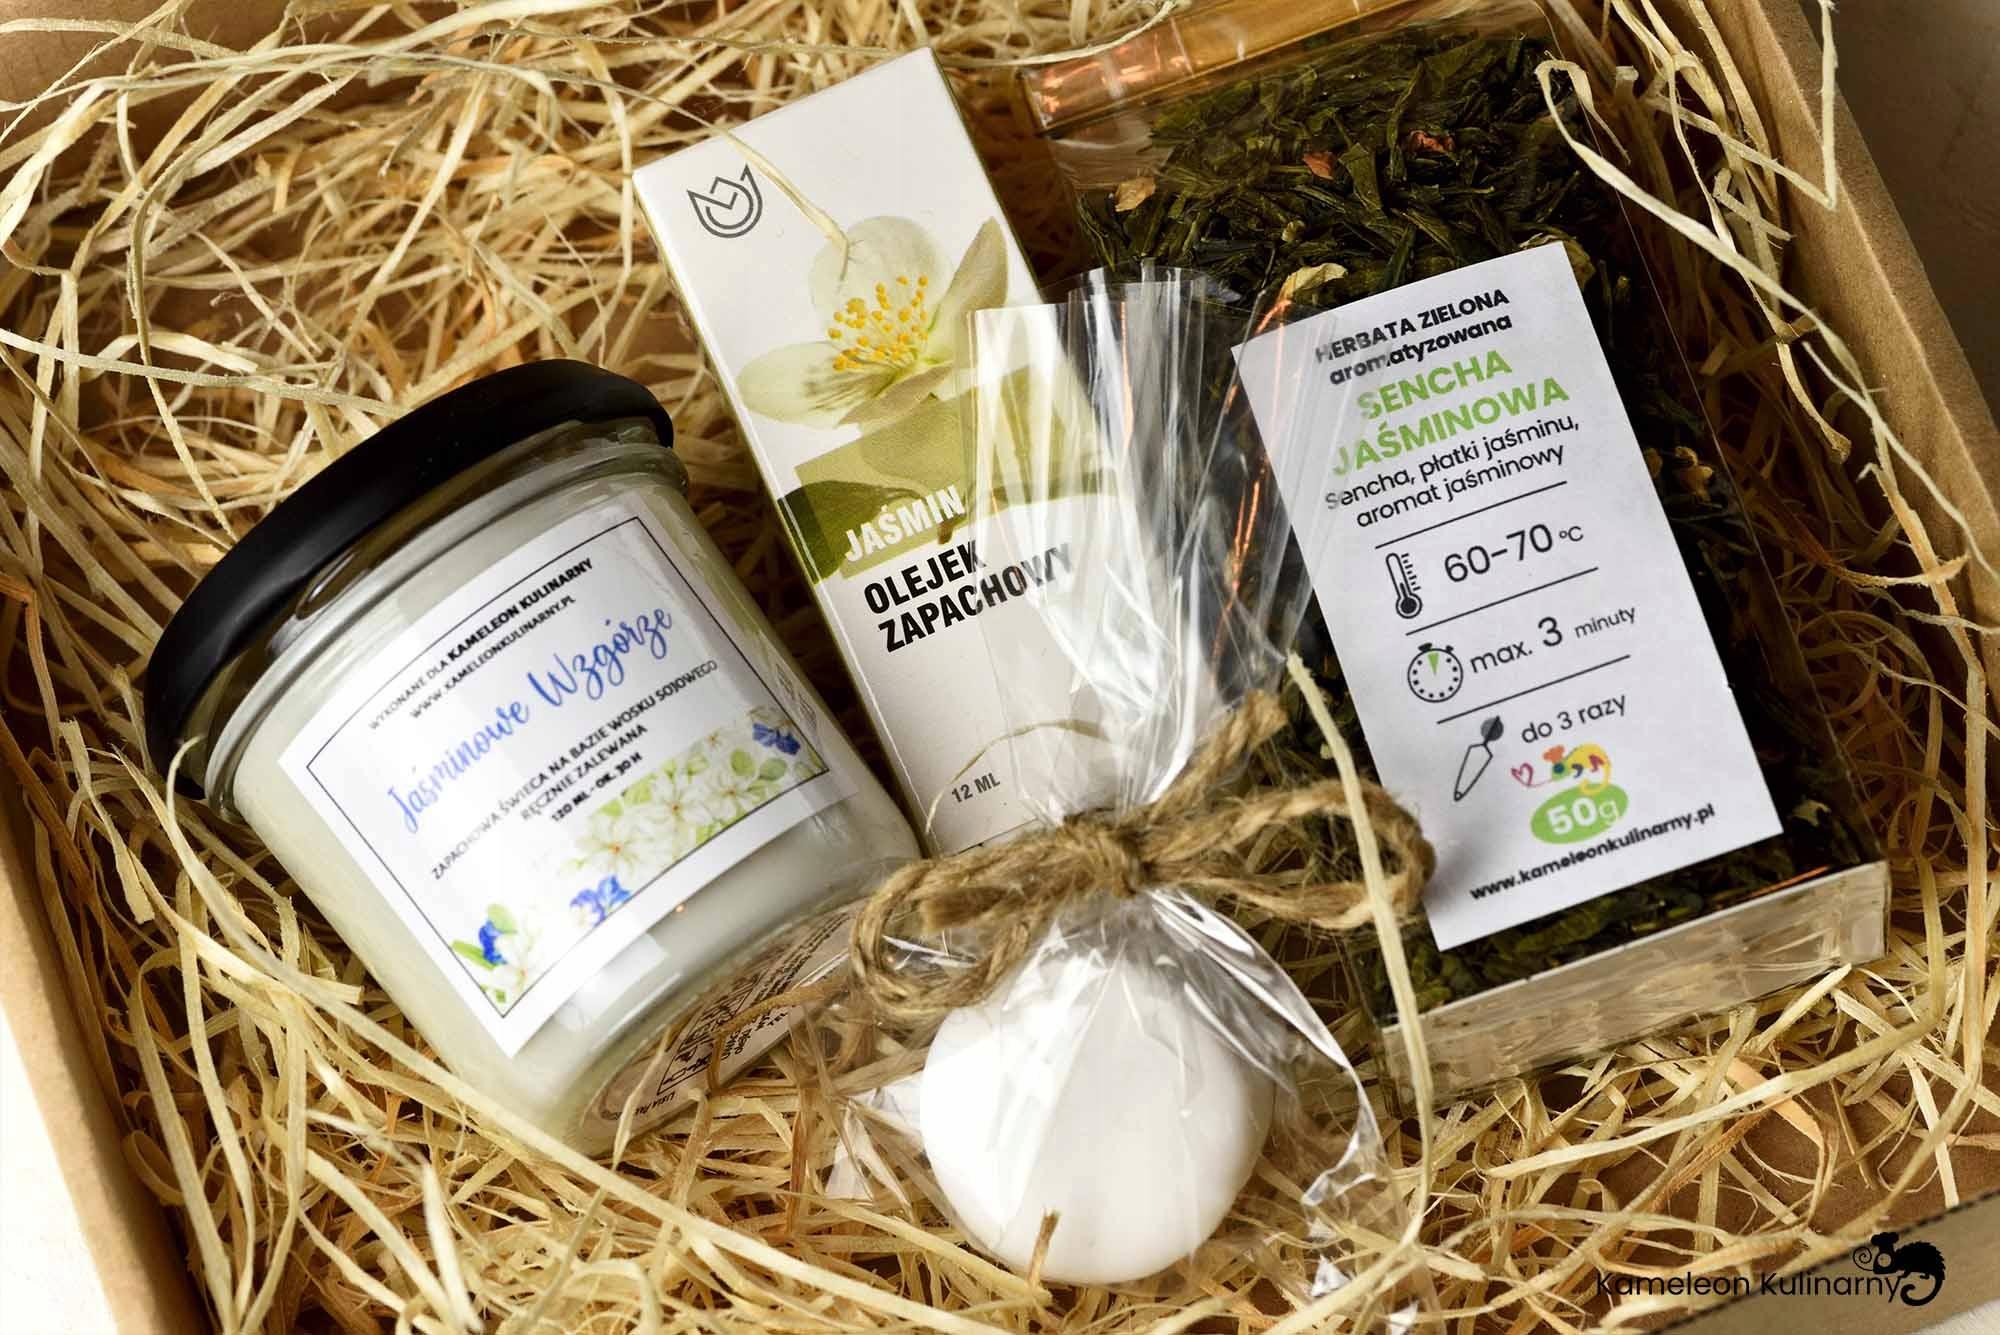 ZESTAW PREZENT świeca herbata olejek mydło JAŚMIN! Nazwa handlowa ZESTAW ŚWIECA + HERBATA + OLEJEK + MYDEŁKO - KAMELEON KULINARNY